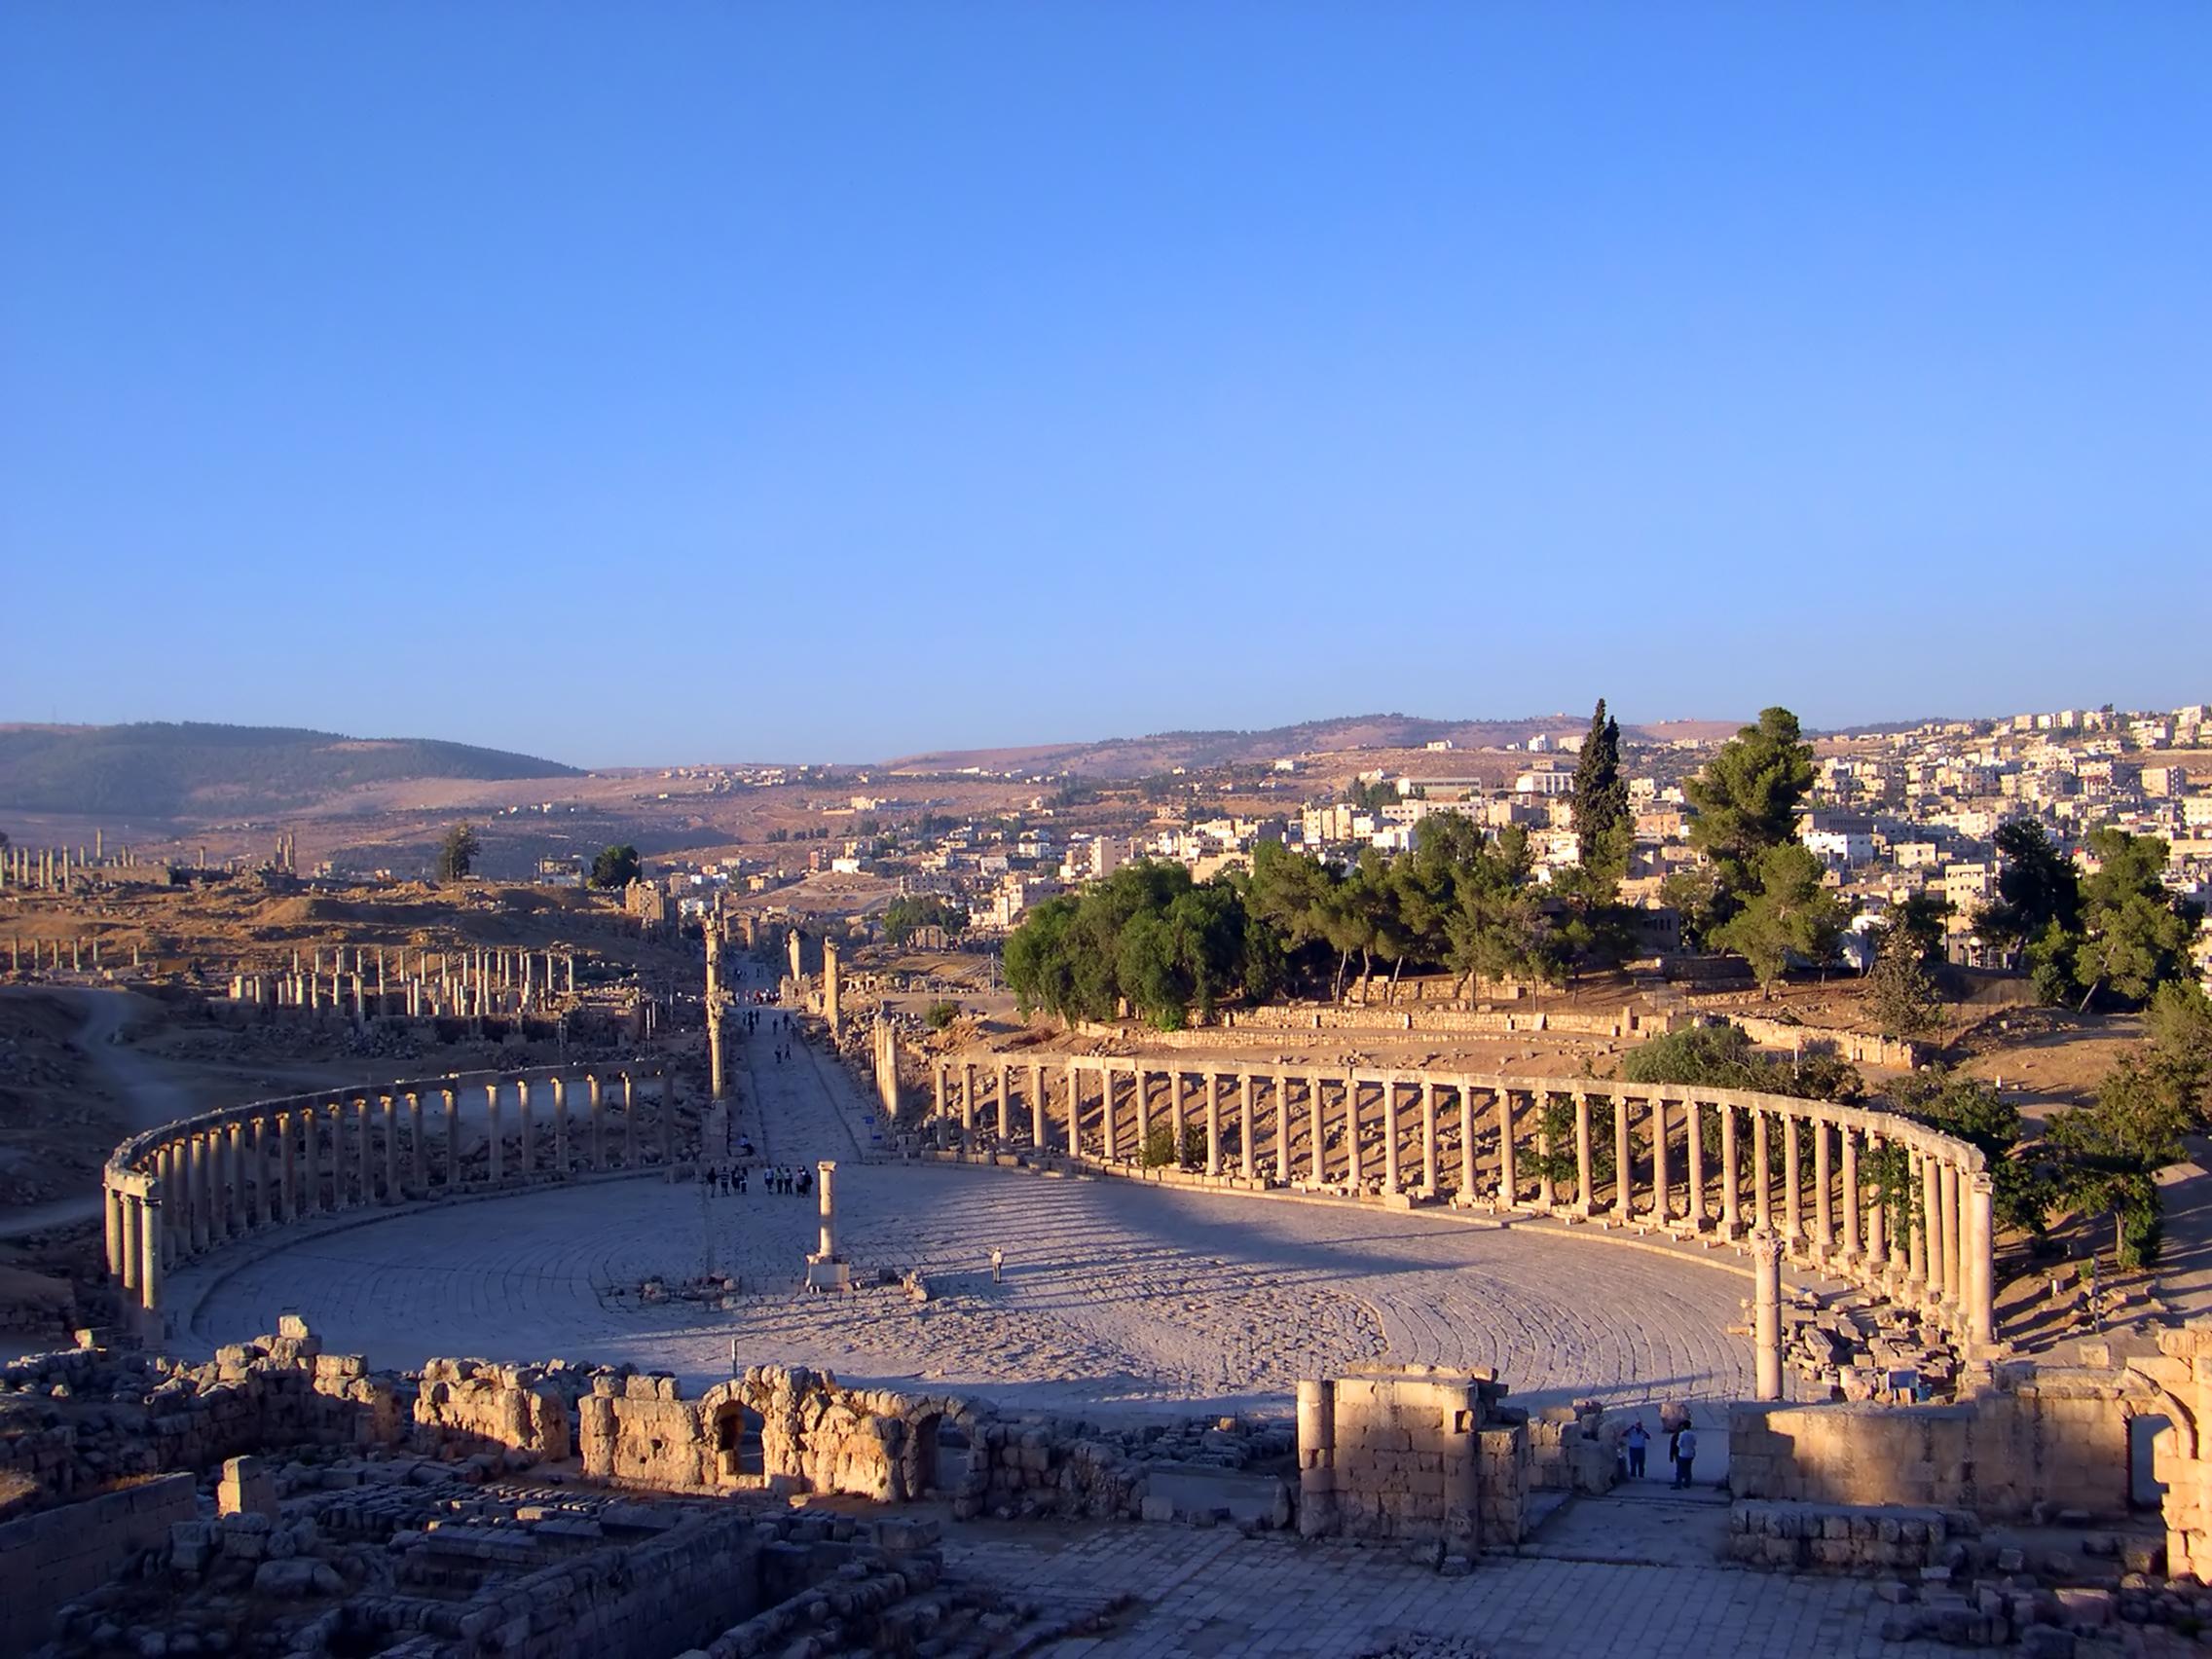 Columnata Jerash